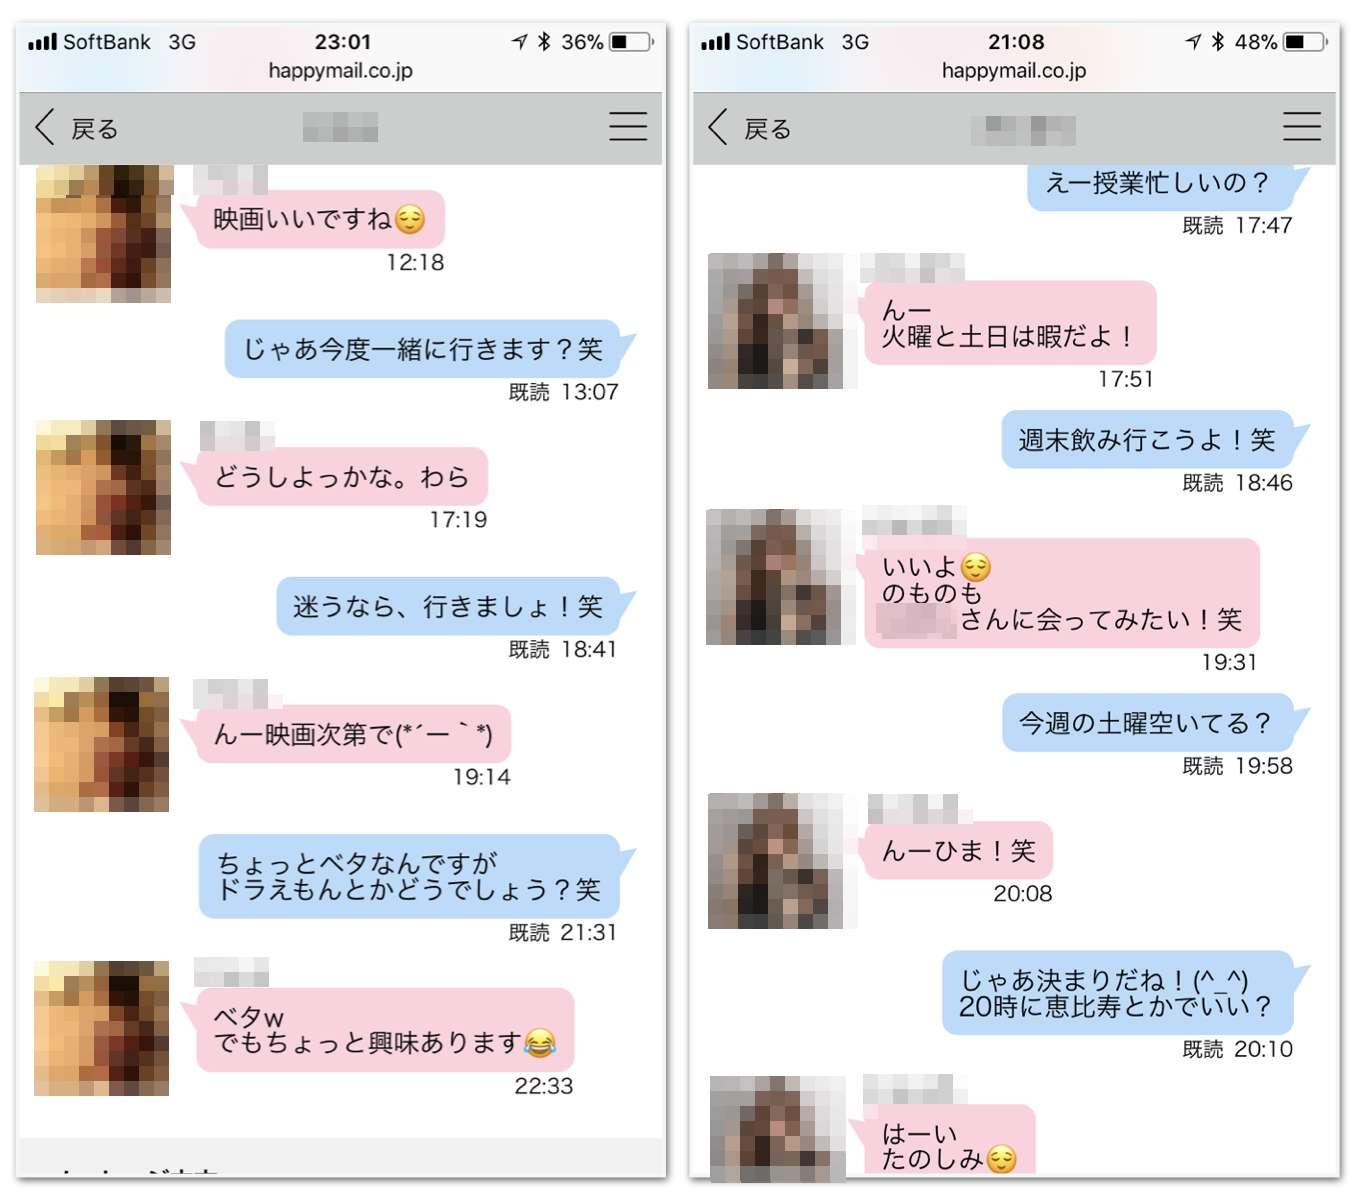 ハッピーメール メッセージ画面